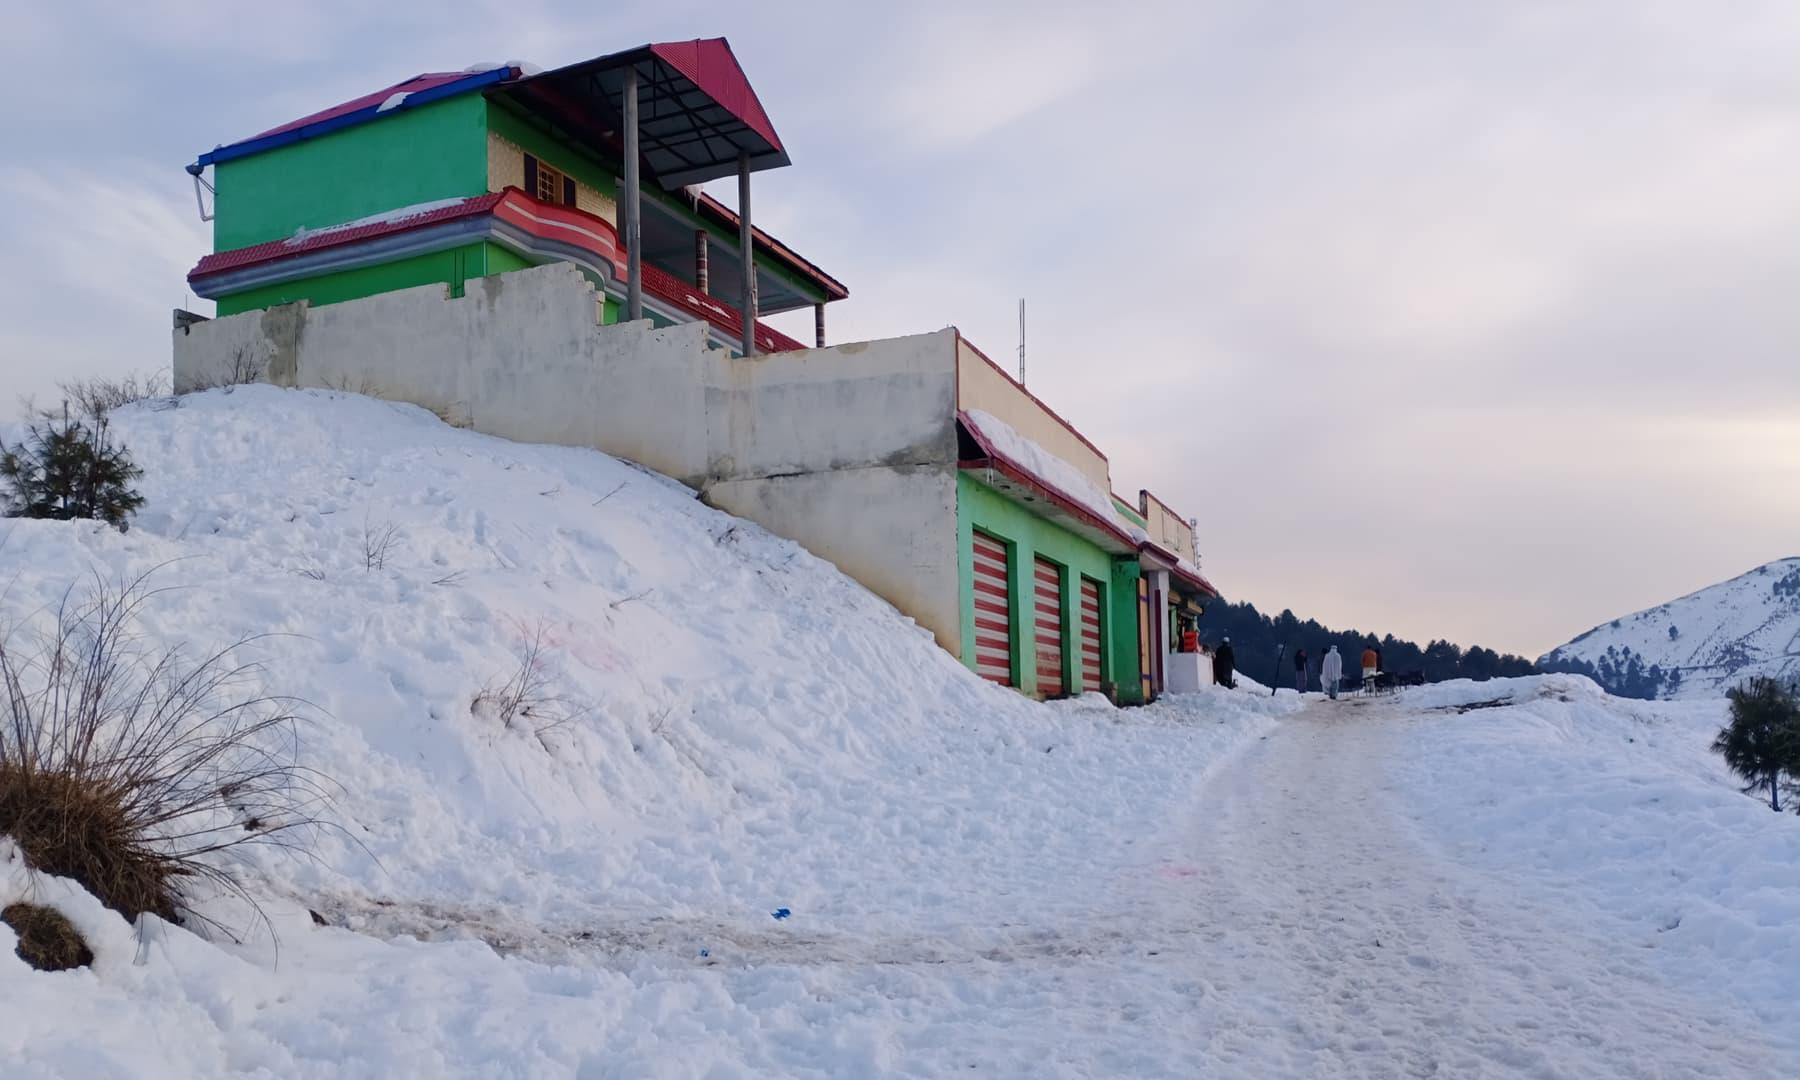 یہاں ہر سال دسمبر سے اپریل تک کئی کئی فٹ برف باری ہوتی ہے—عظمت اکبر